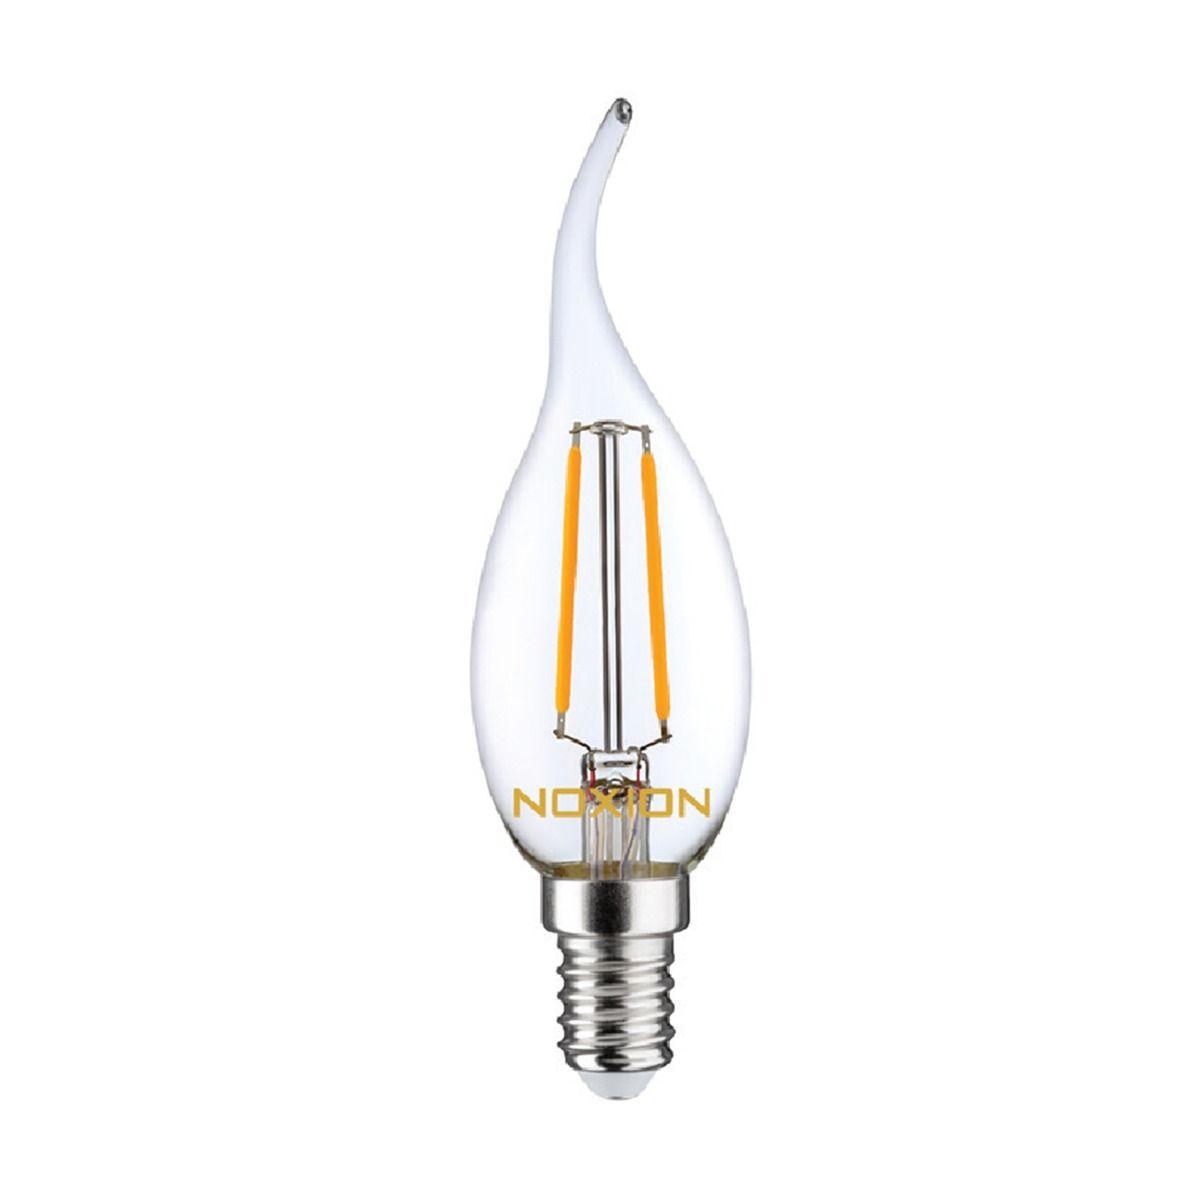 Noxion Lucent Filament LED Candle 2.5W 827 BA35 E14 Claire   Remplacement 25W